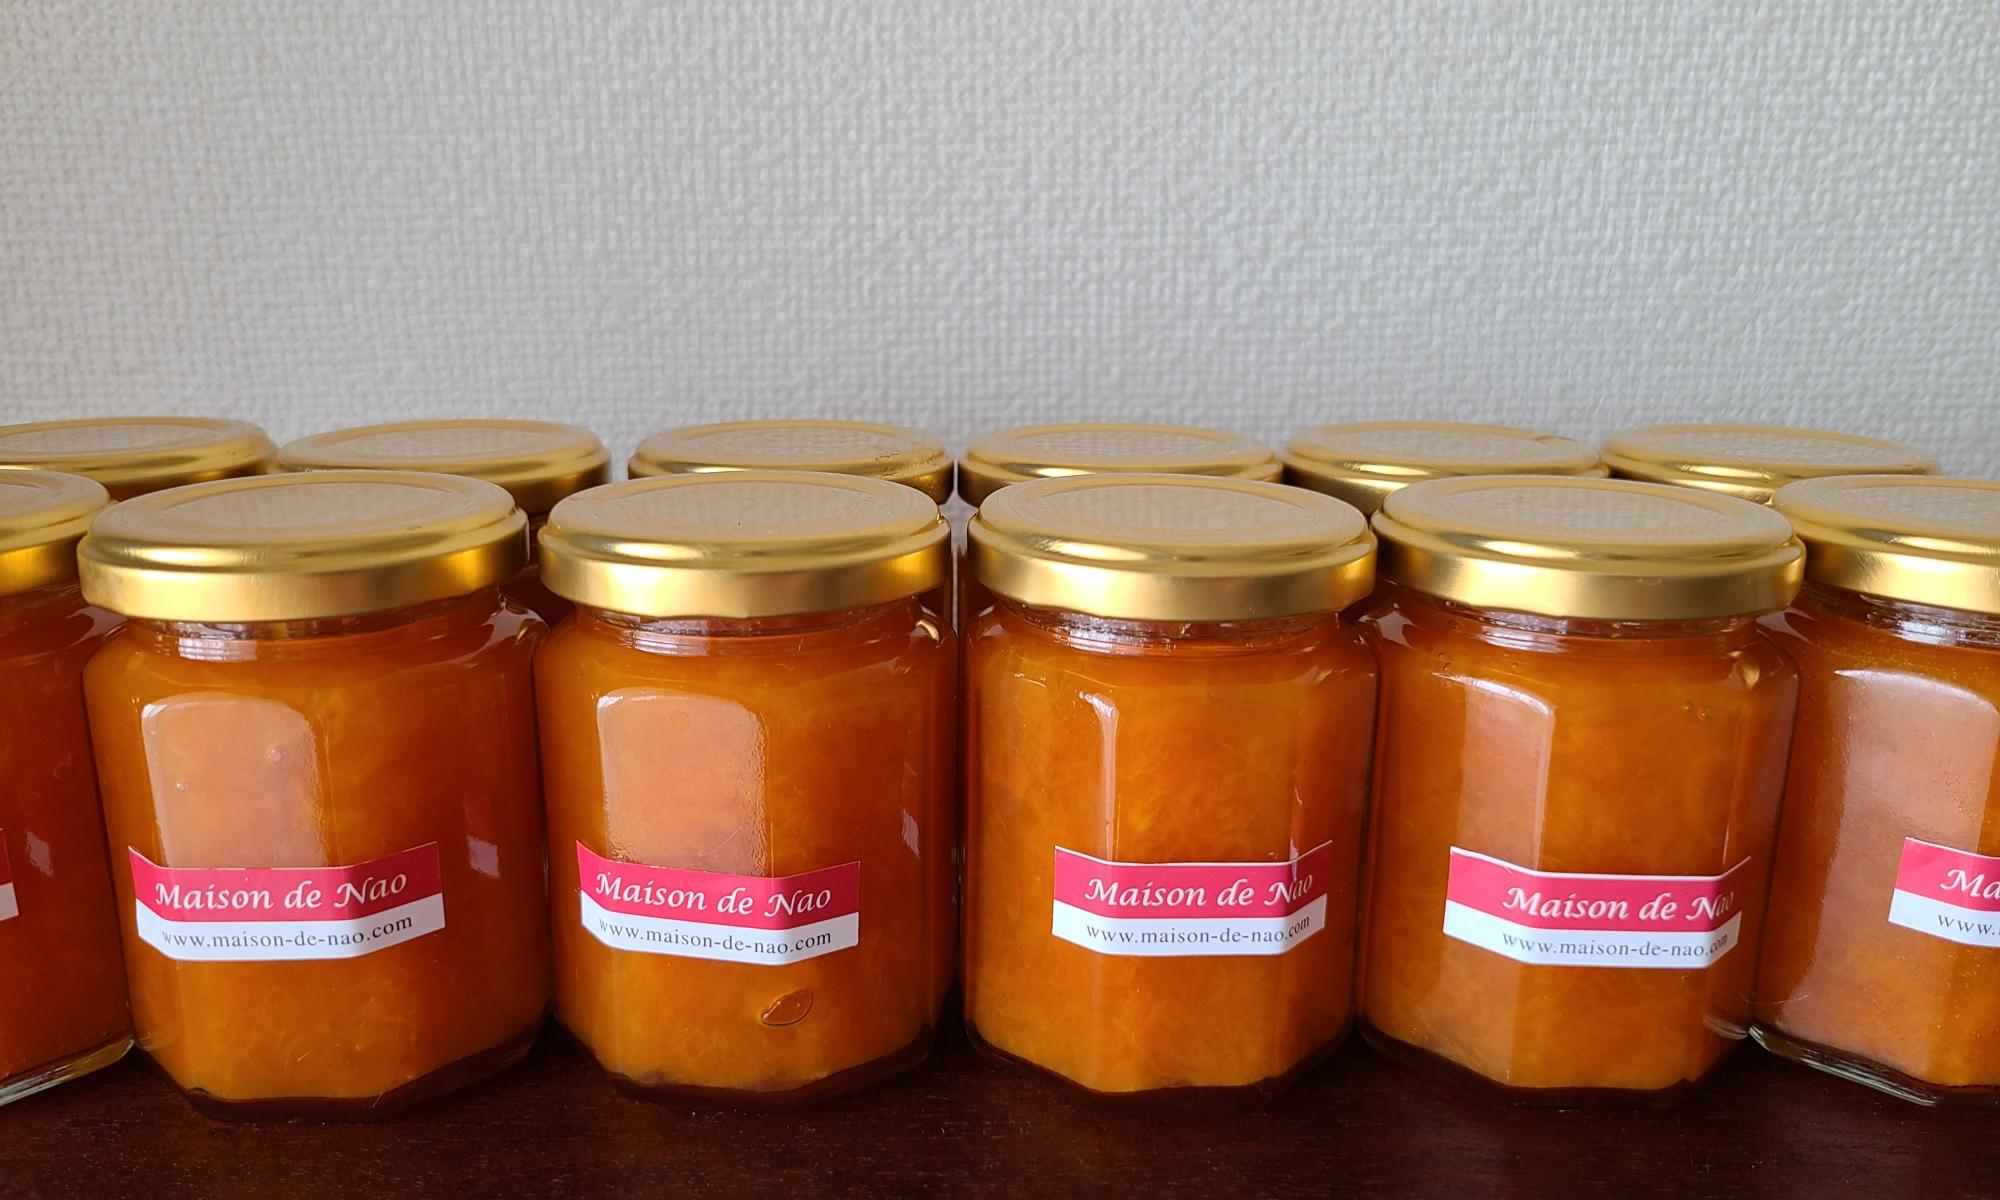 瓶詰めされた杏ジャムが沢山並んでいます。